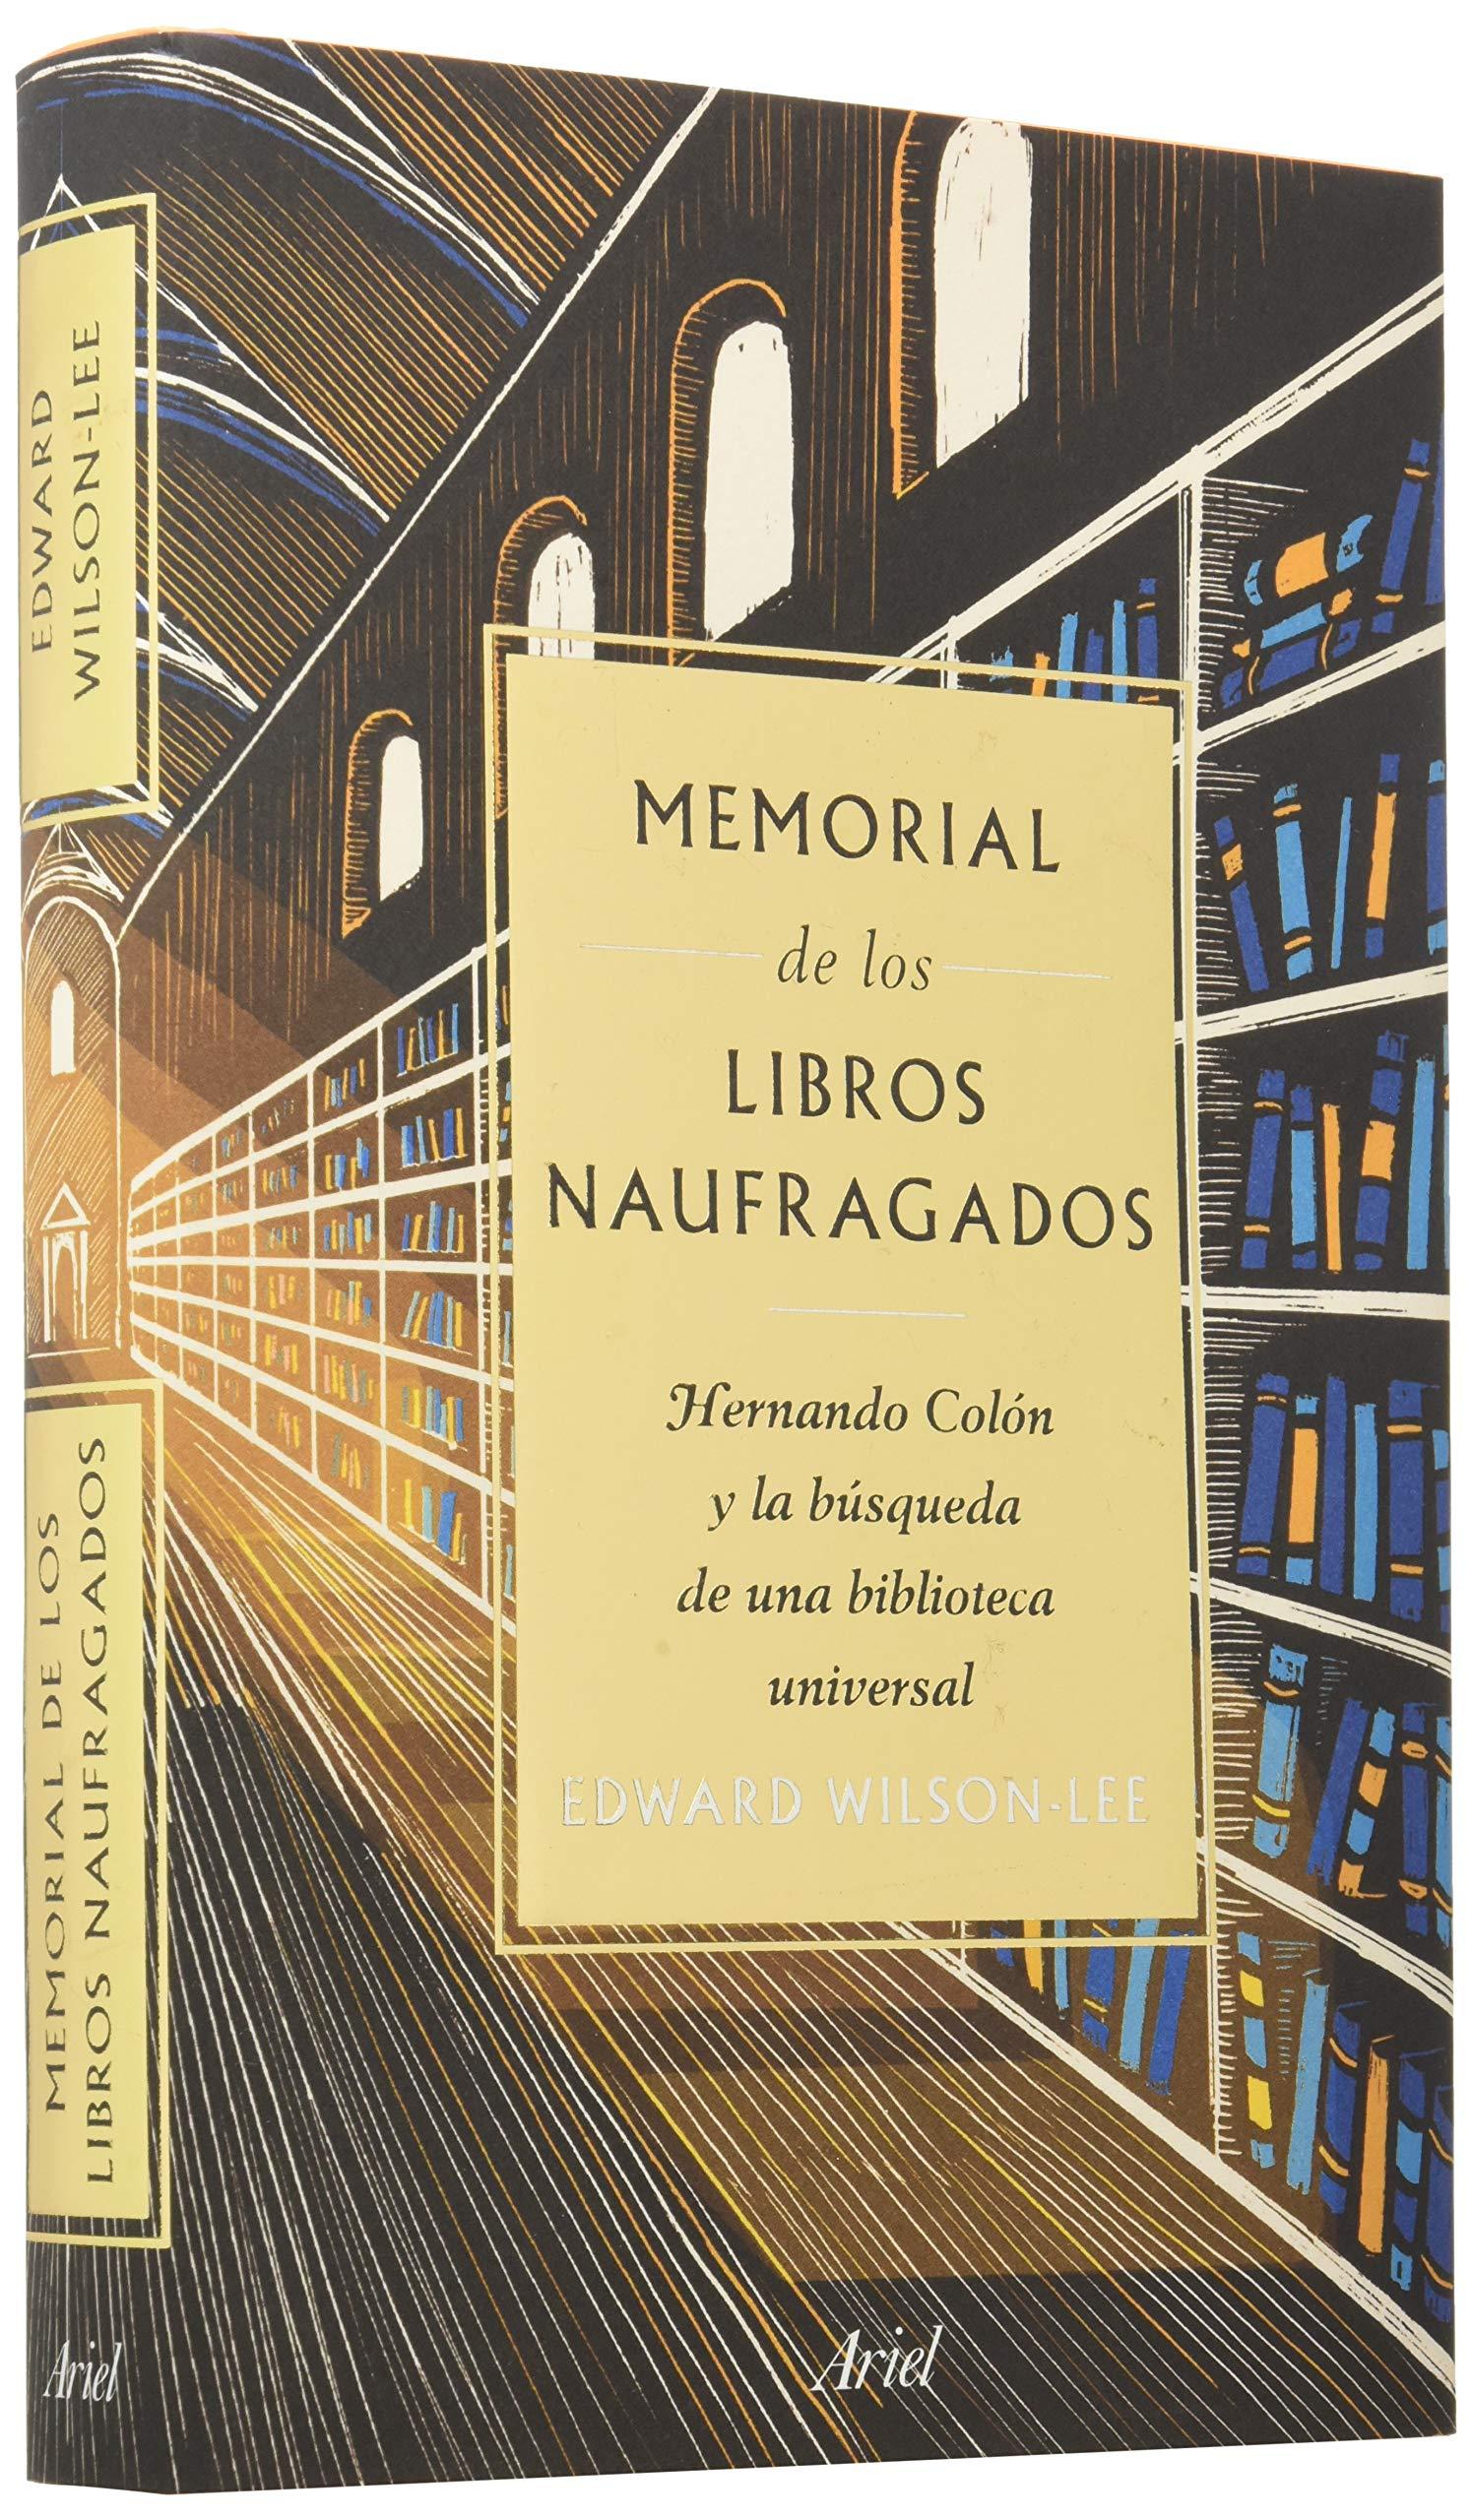 Memorial de los libros naufragados: Hernando Colón y la búsqueda de una biblioteca universal